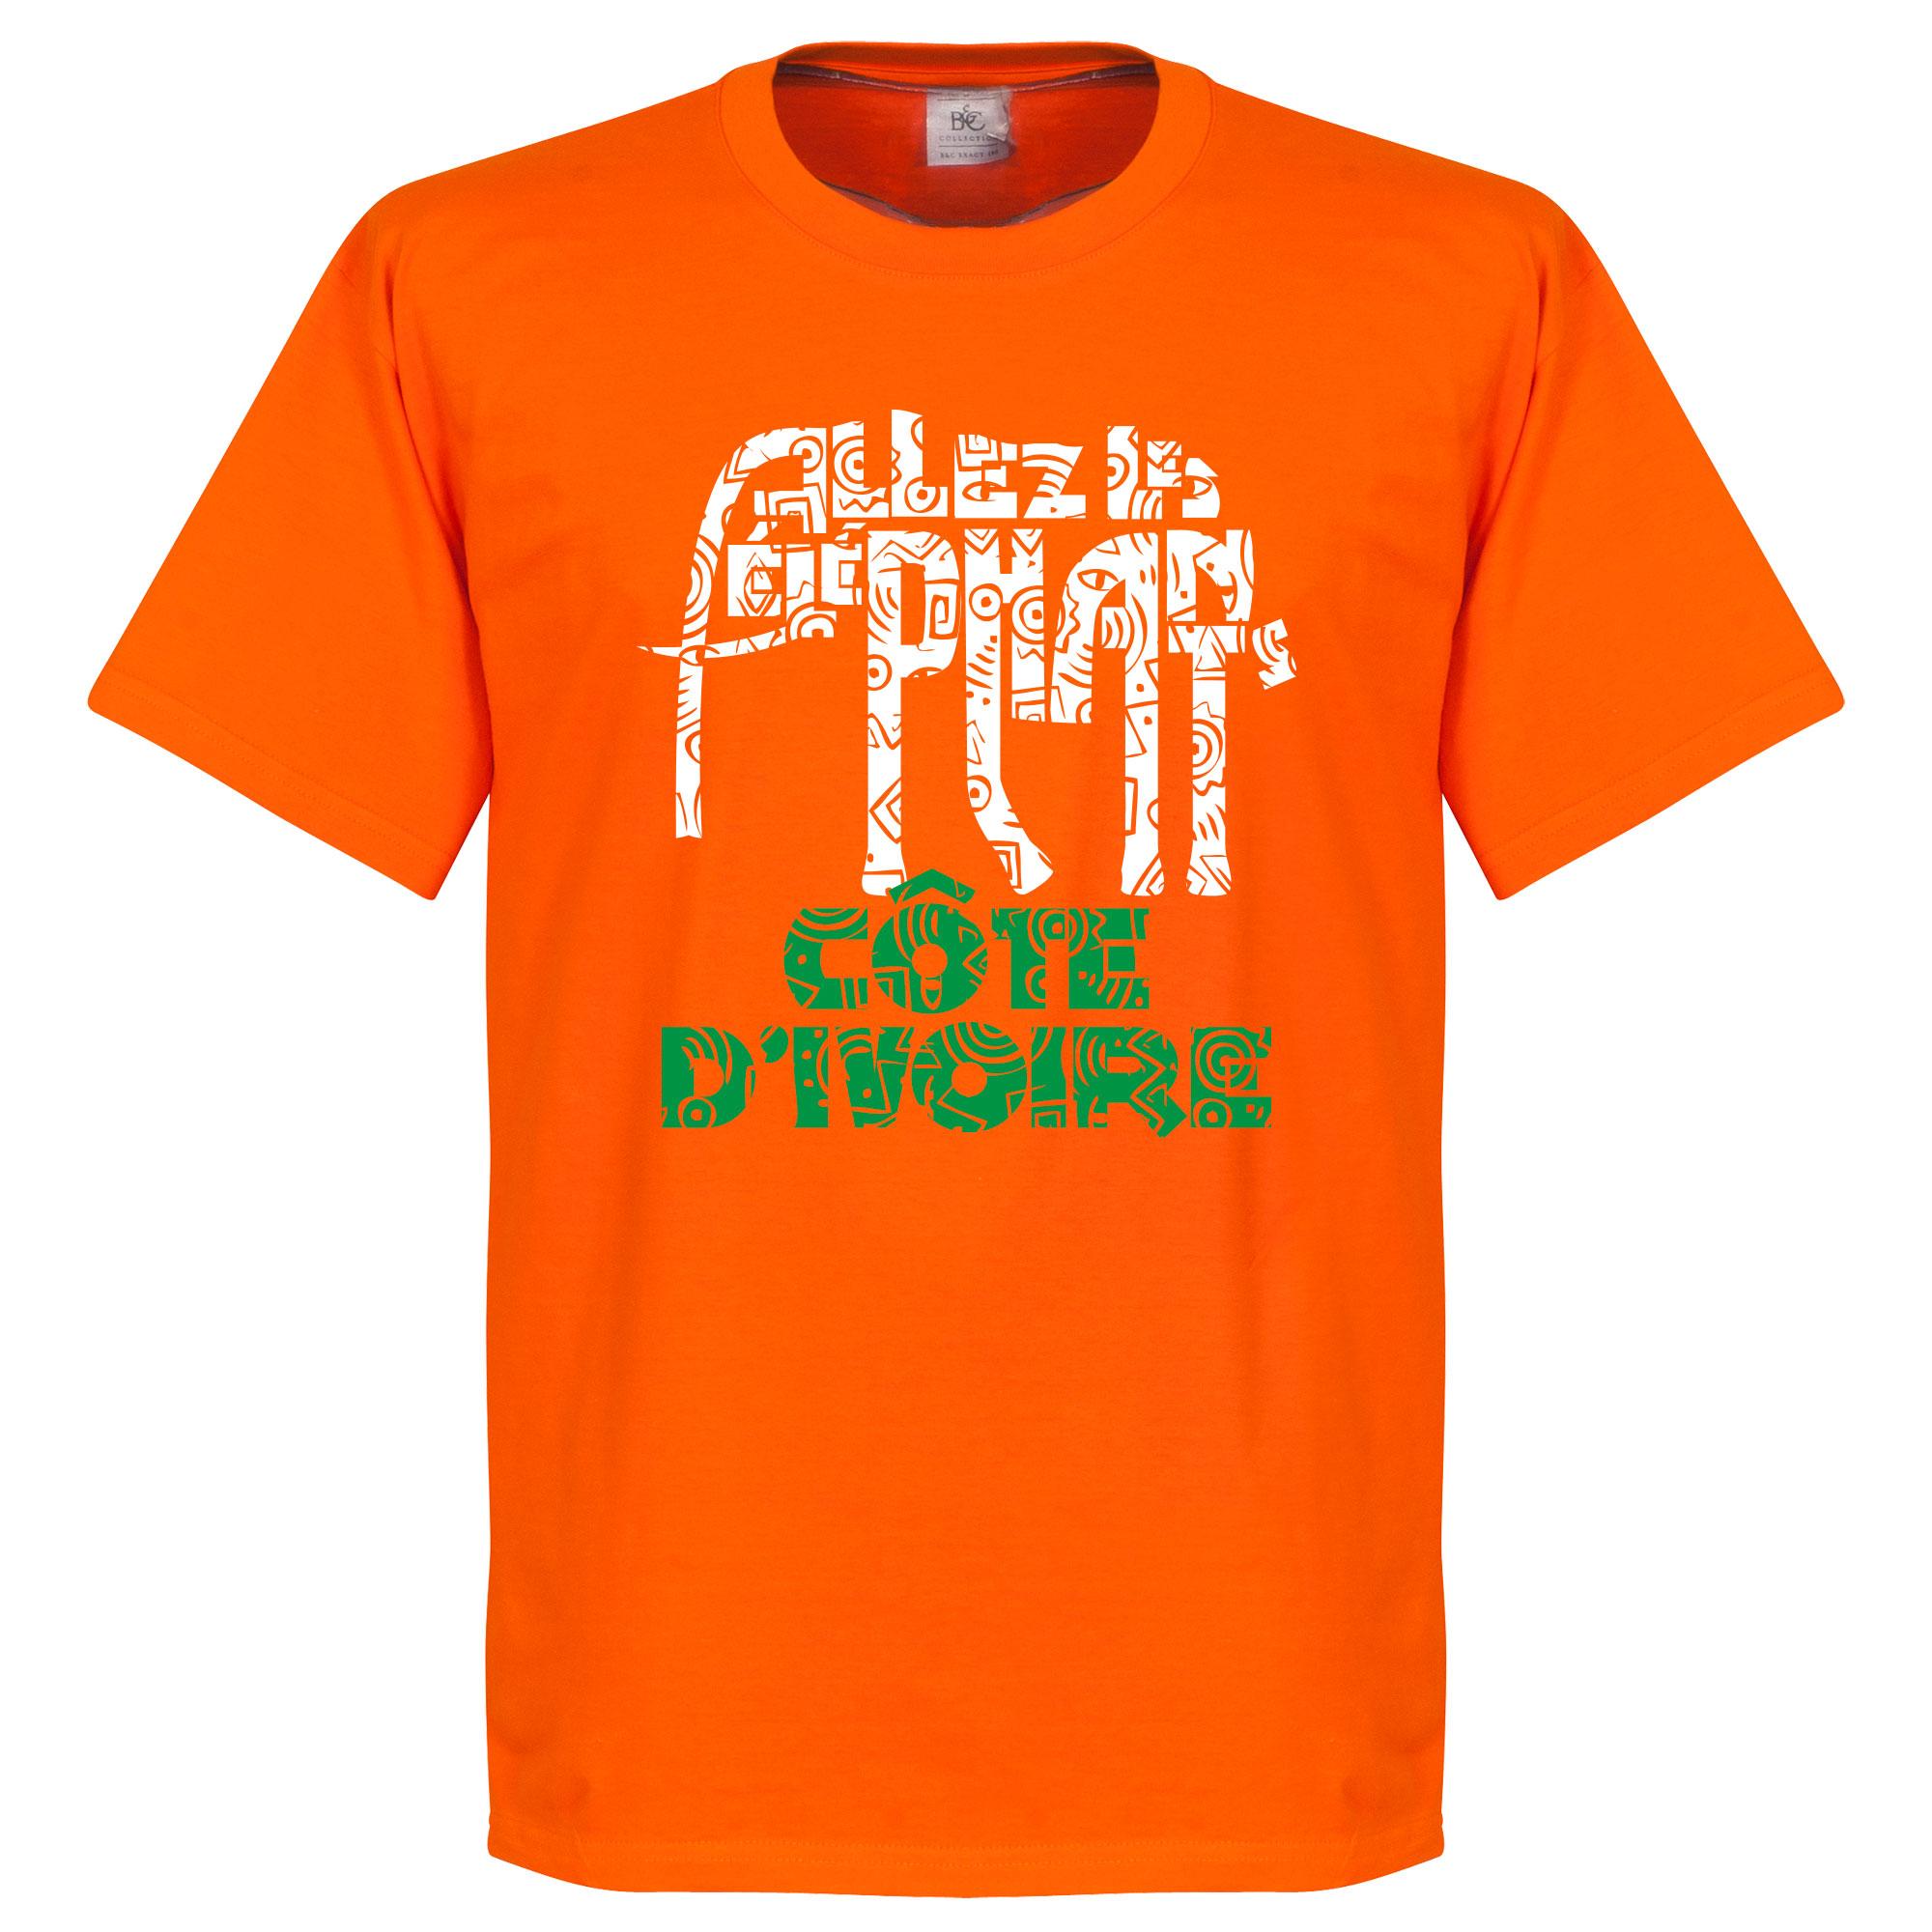 Ivory Coast Allez Les Elephants Tee - Orange - XL